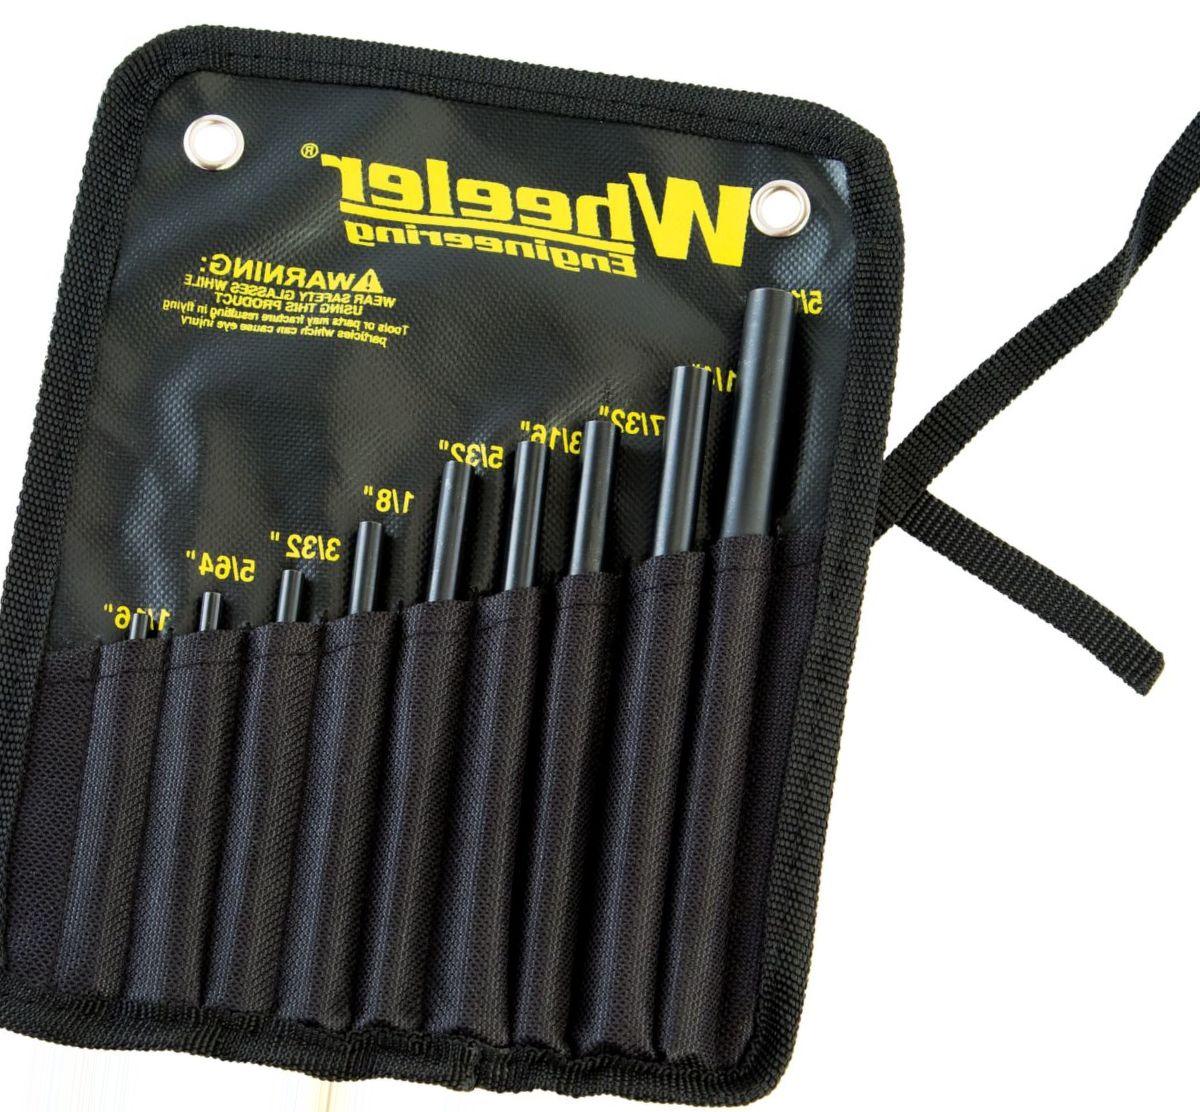 Wheeler® Roll-Pin Starter Punch Set